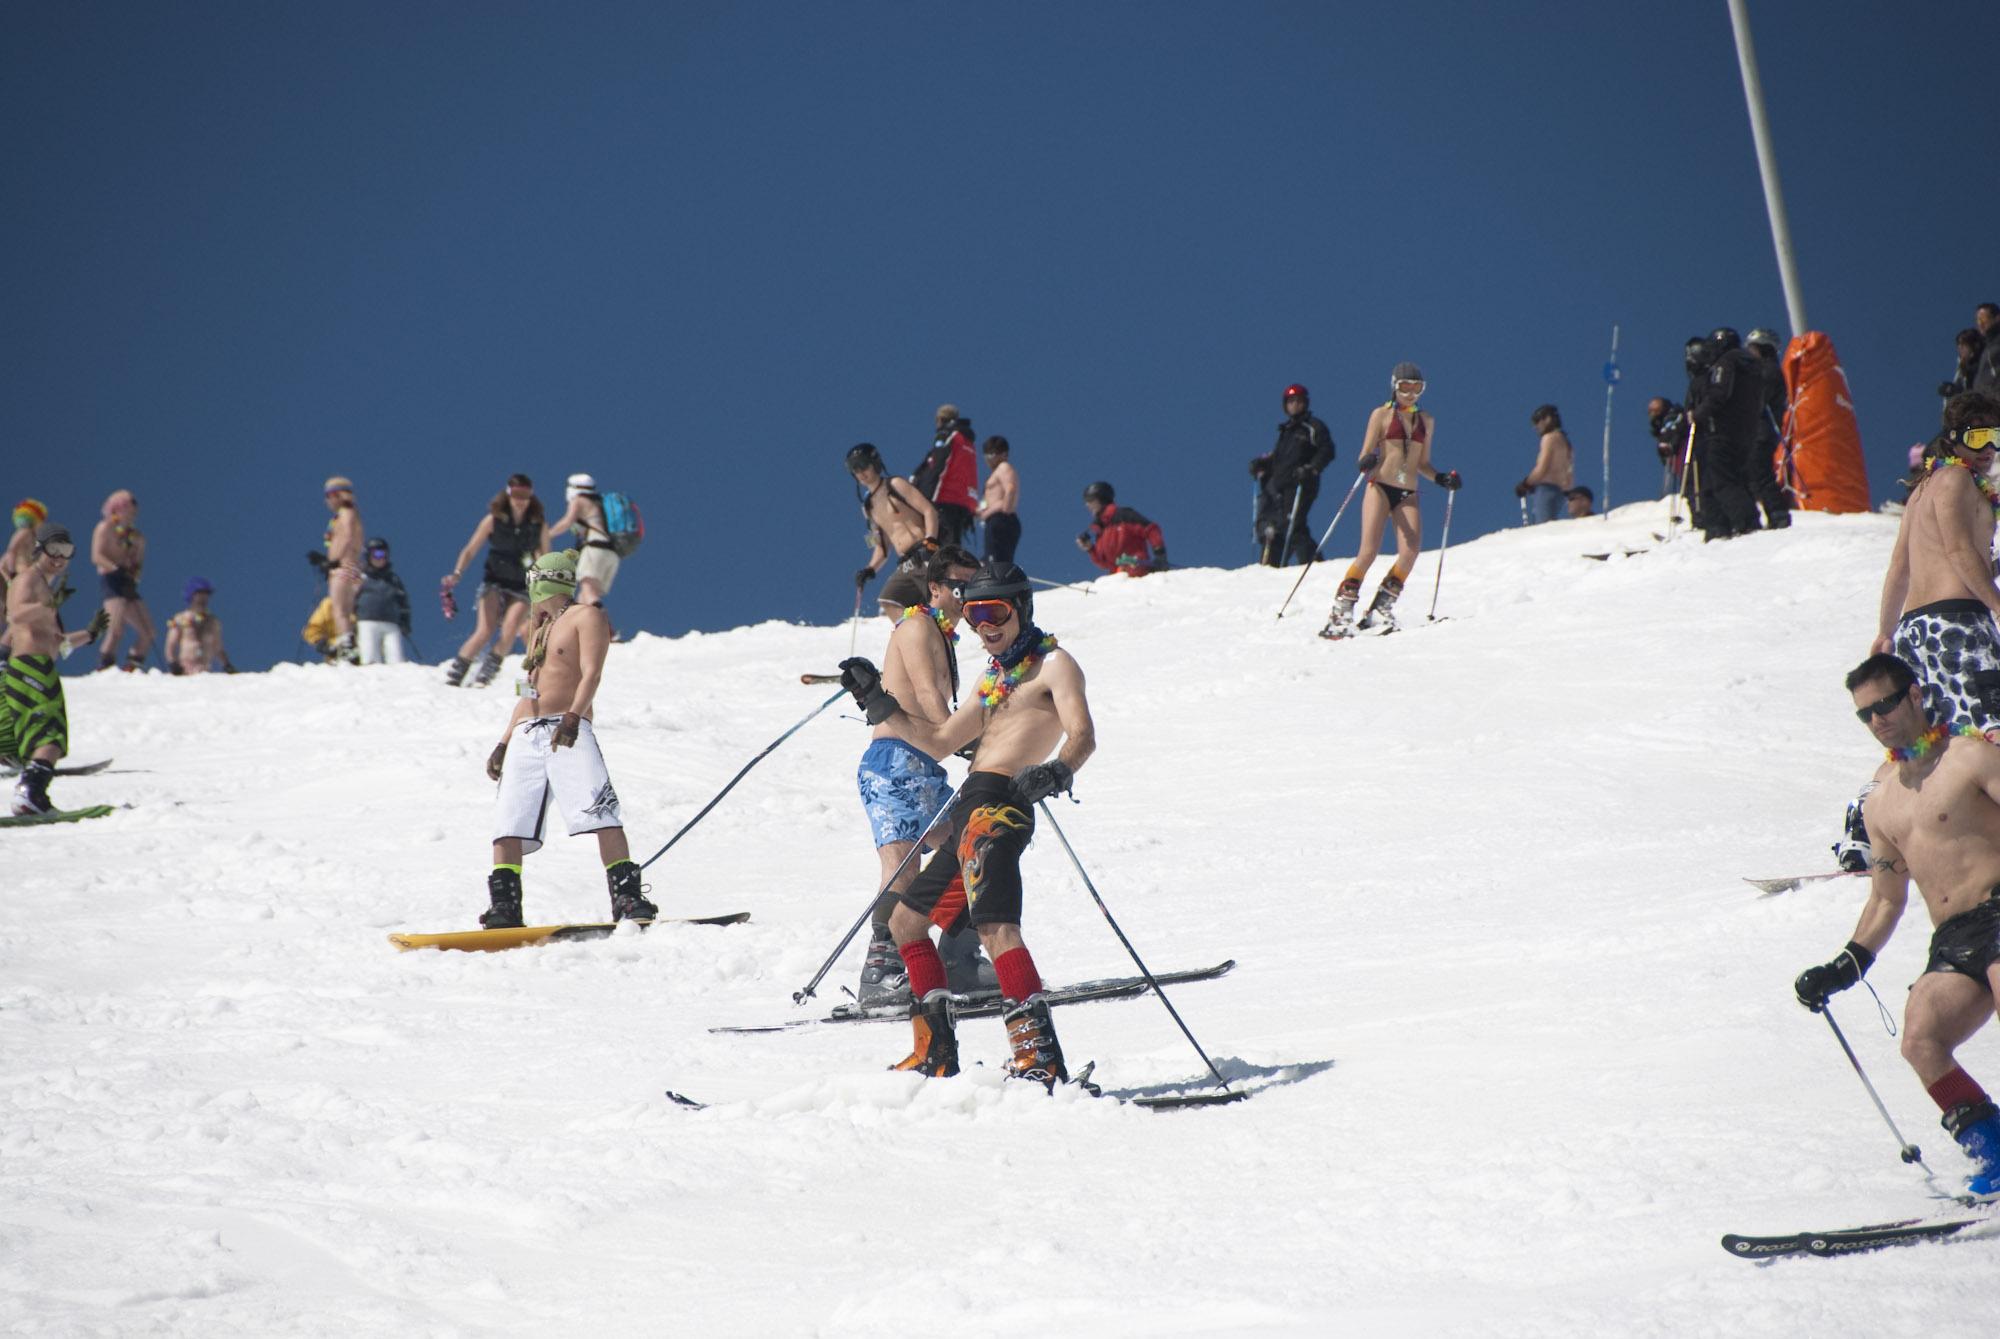 Los esquiadores volverán a ponerse en bañador para despedir la temporada